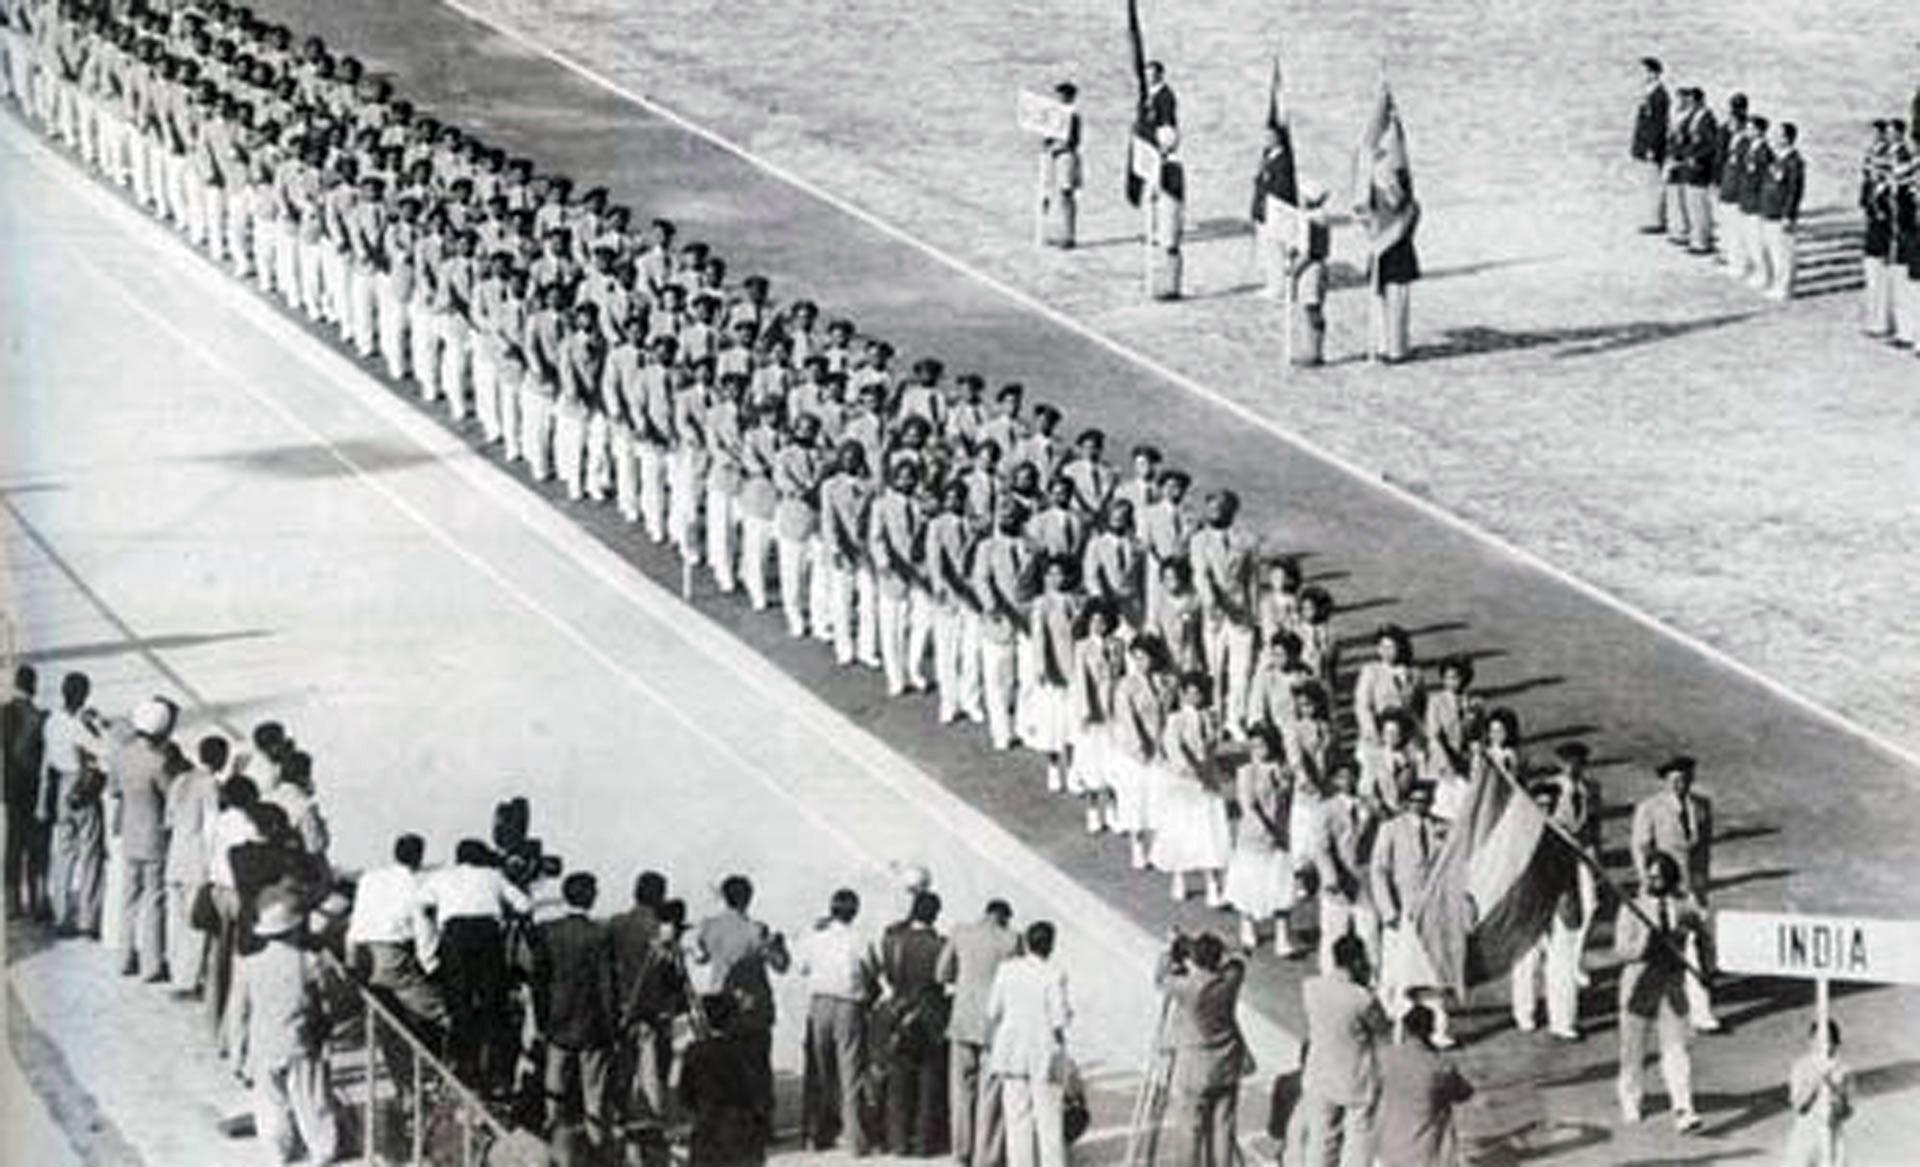 Pembukaan Asian Games Pertama di Stadion Nasional Kota New Delhi, India, Pada 4 Maret 1951